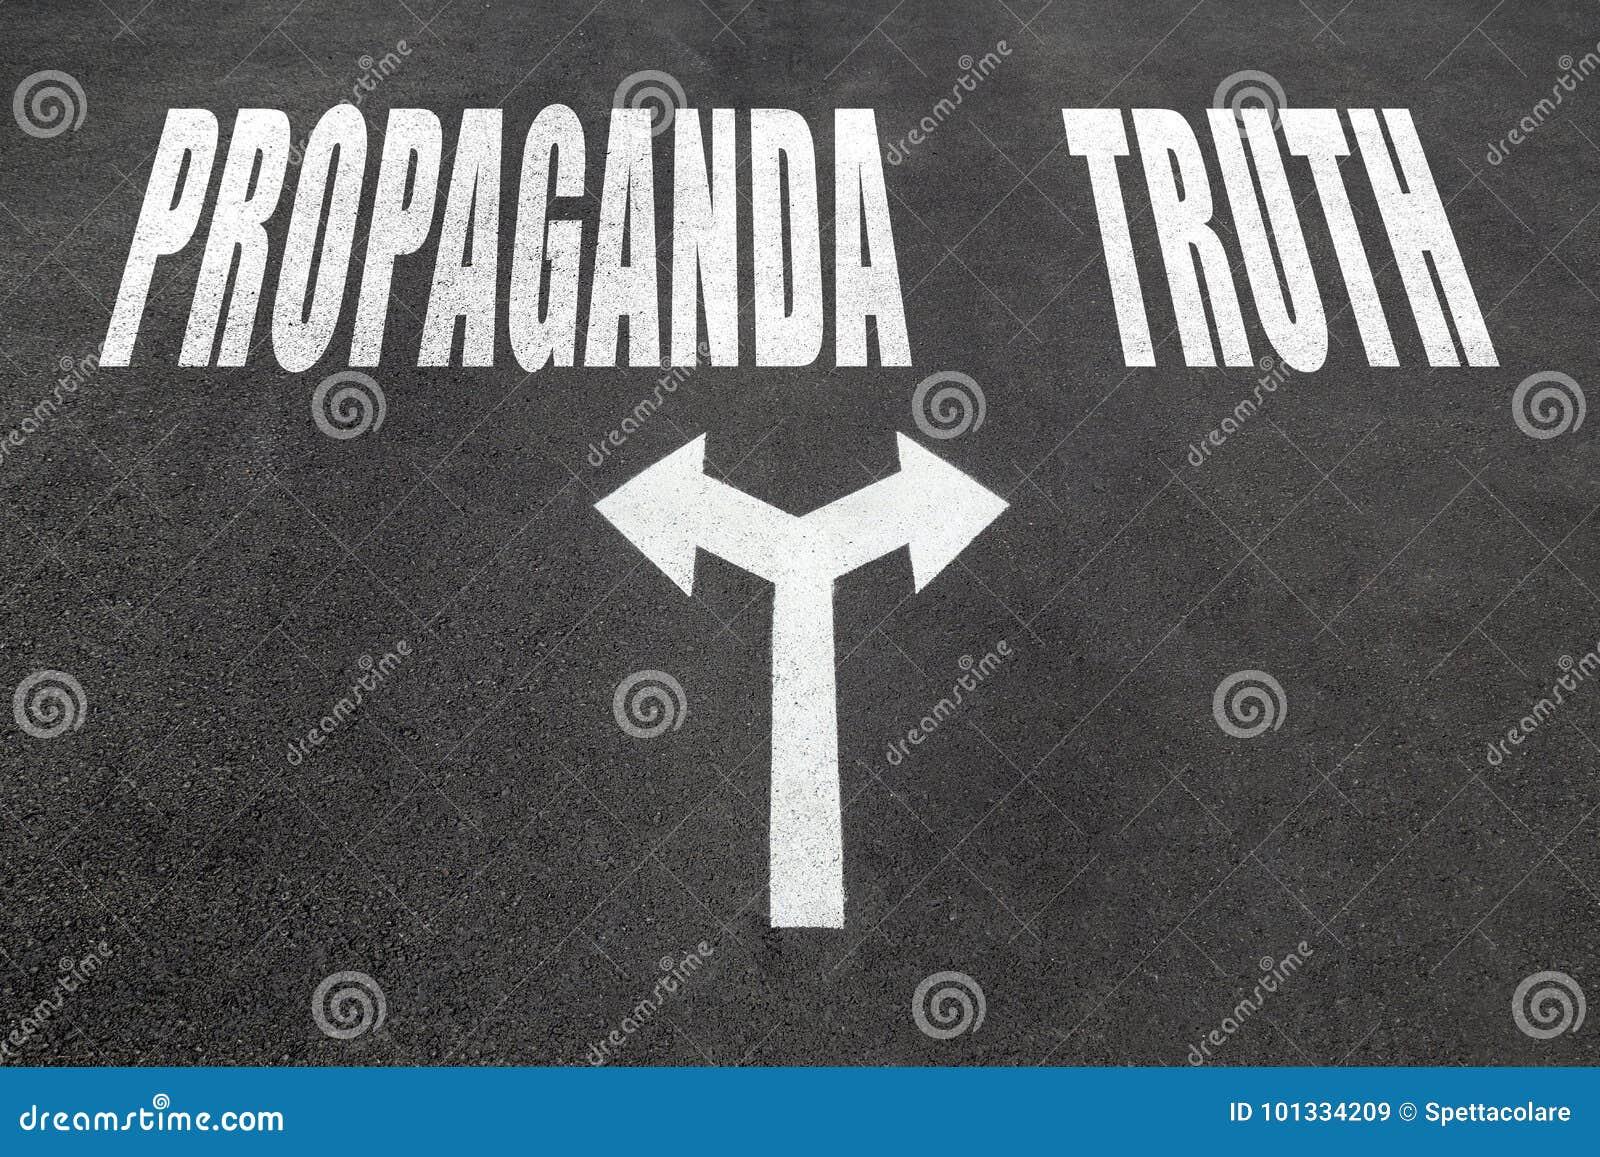 Propaganda gegen Wahrheitswahlkonzept